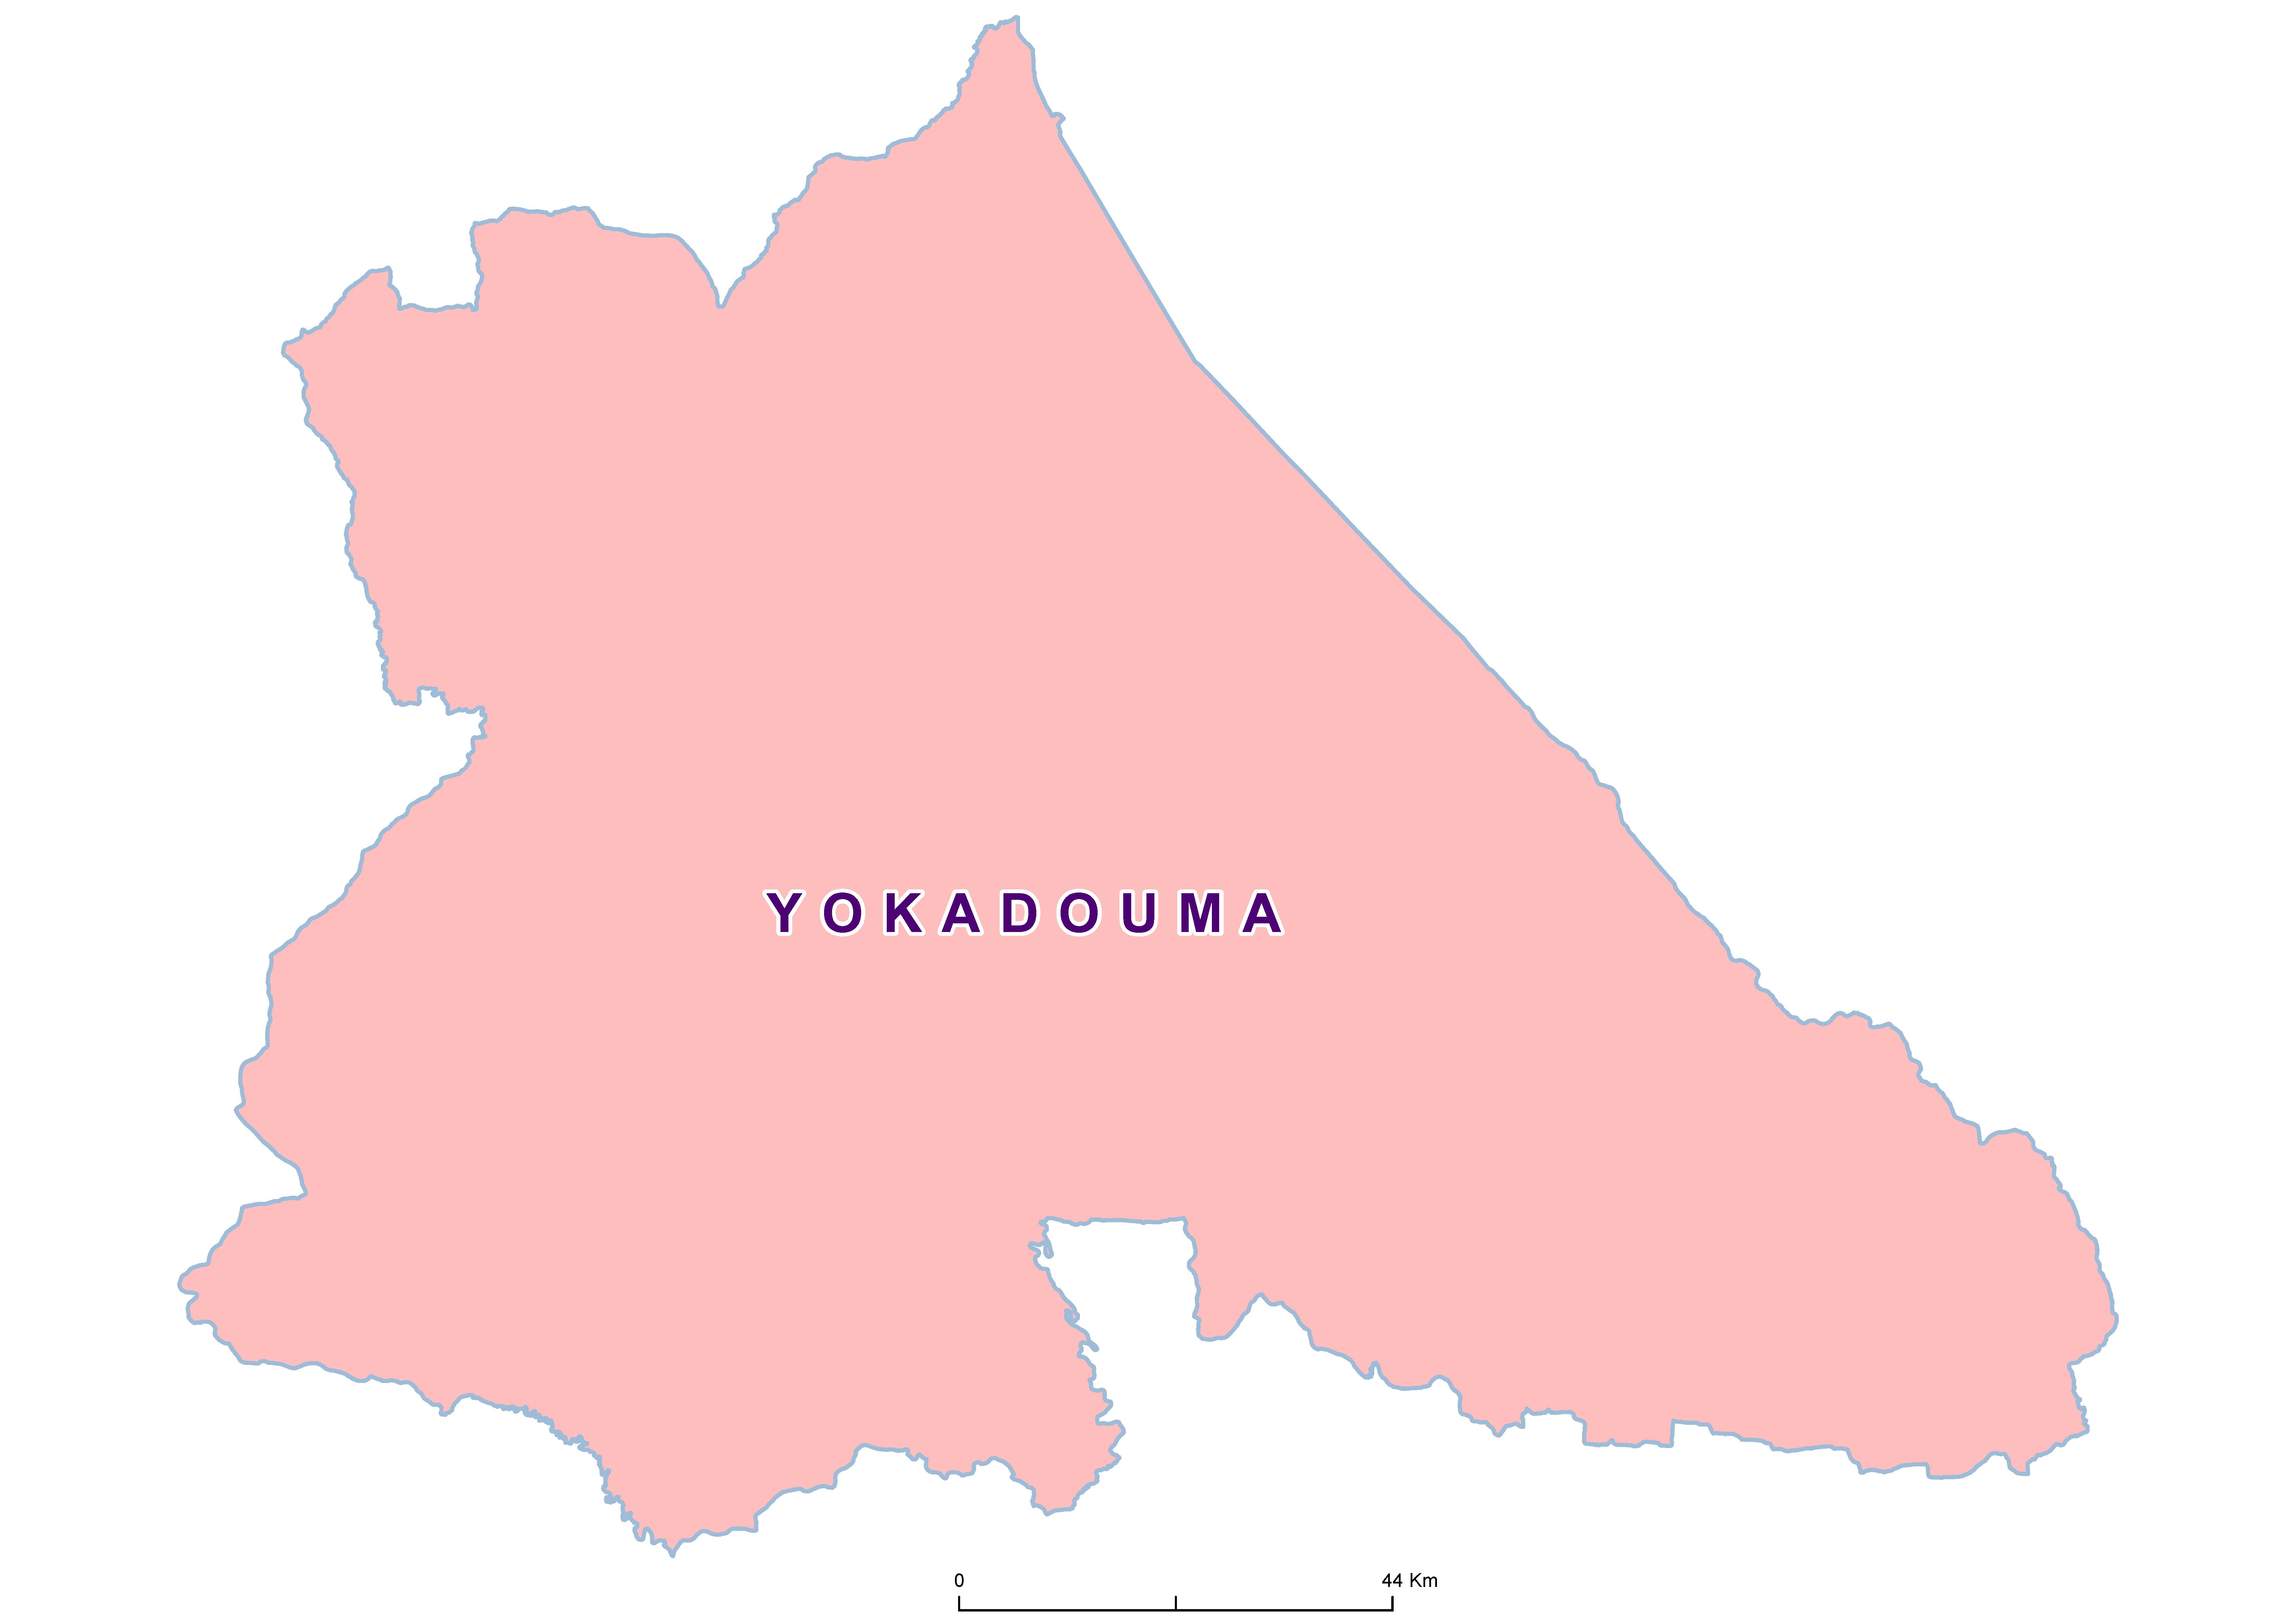 Yokadouma Mean SCH 20100001